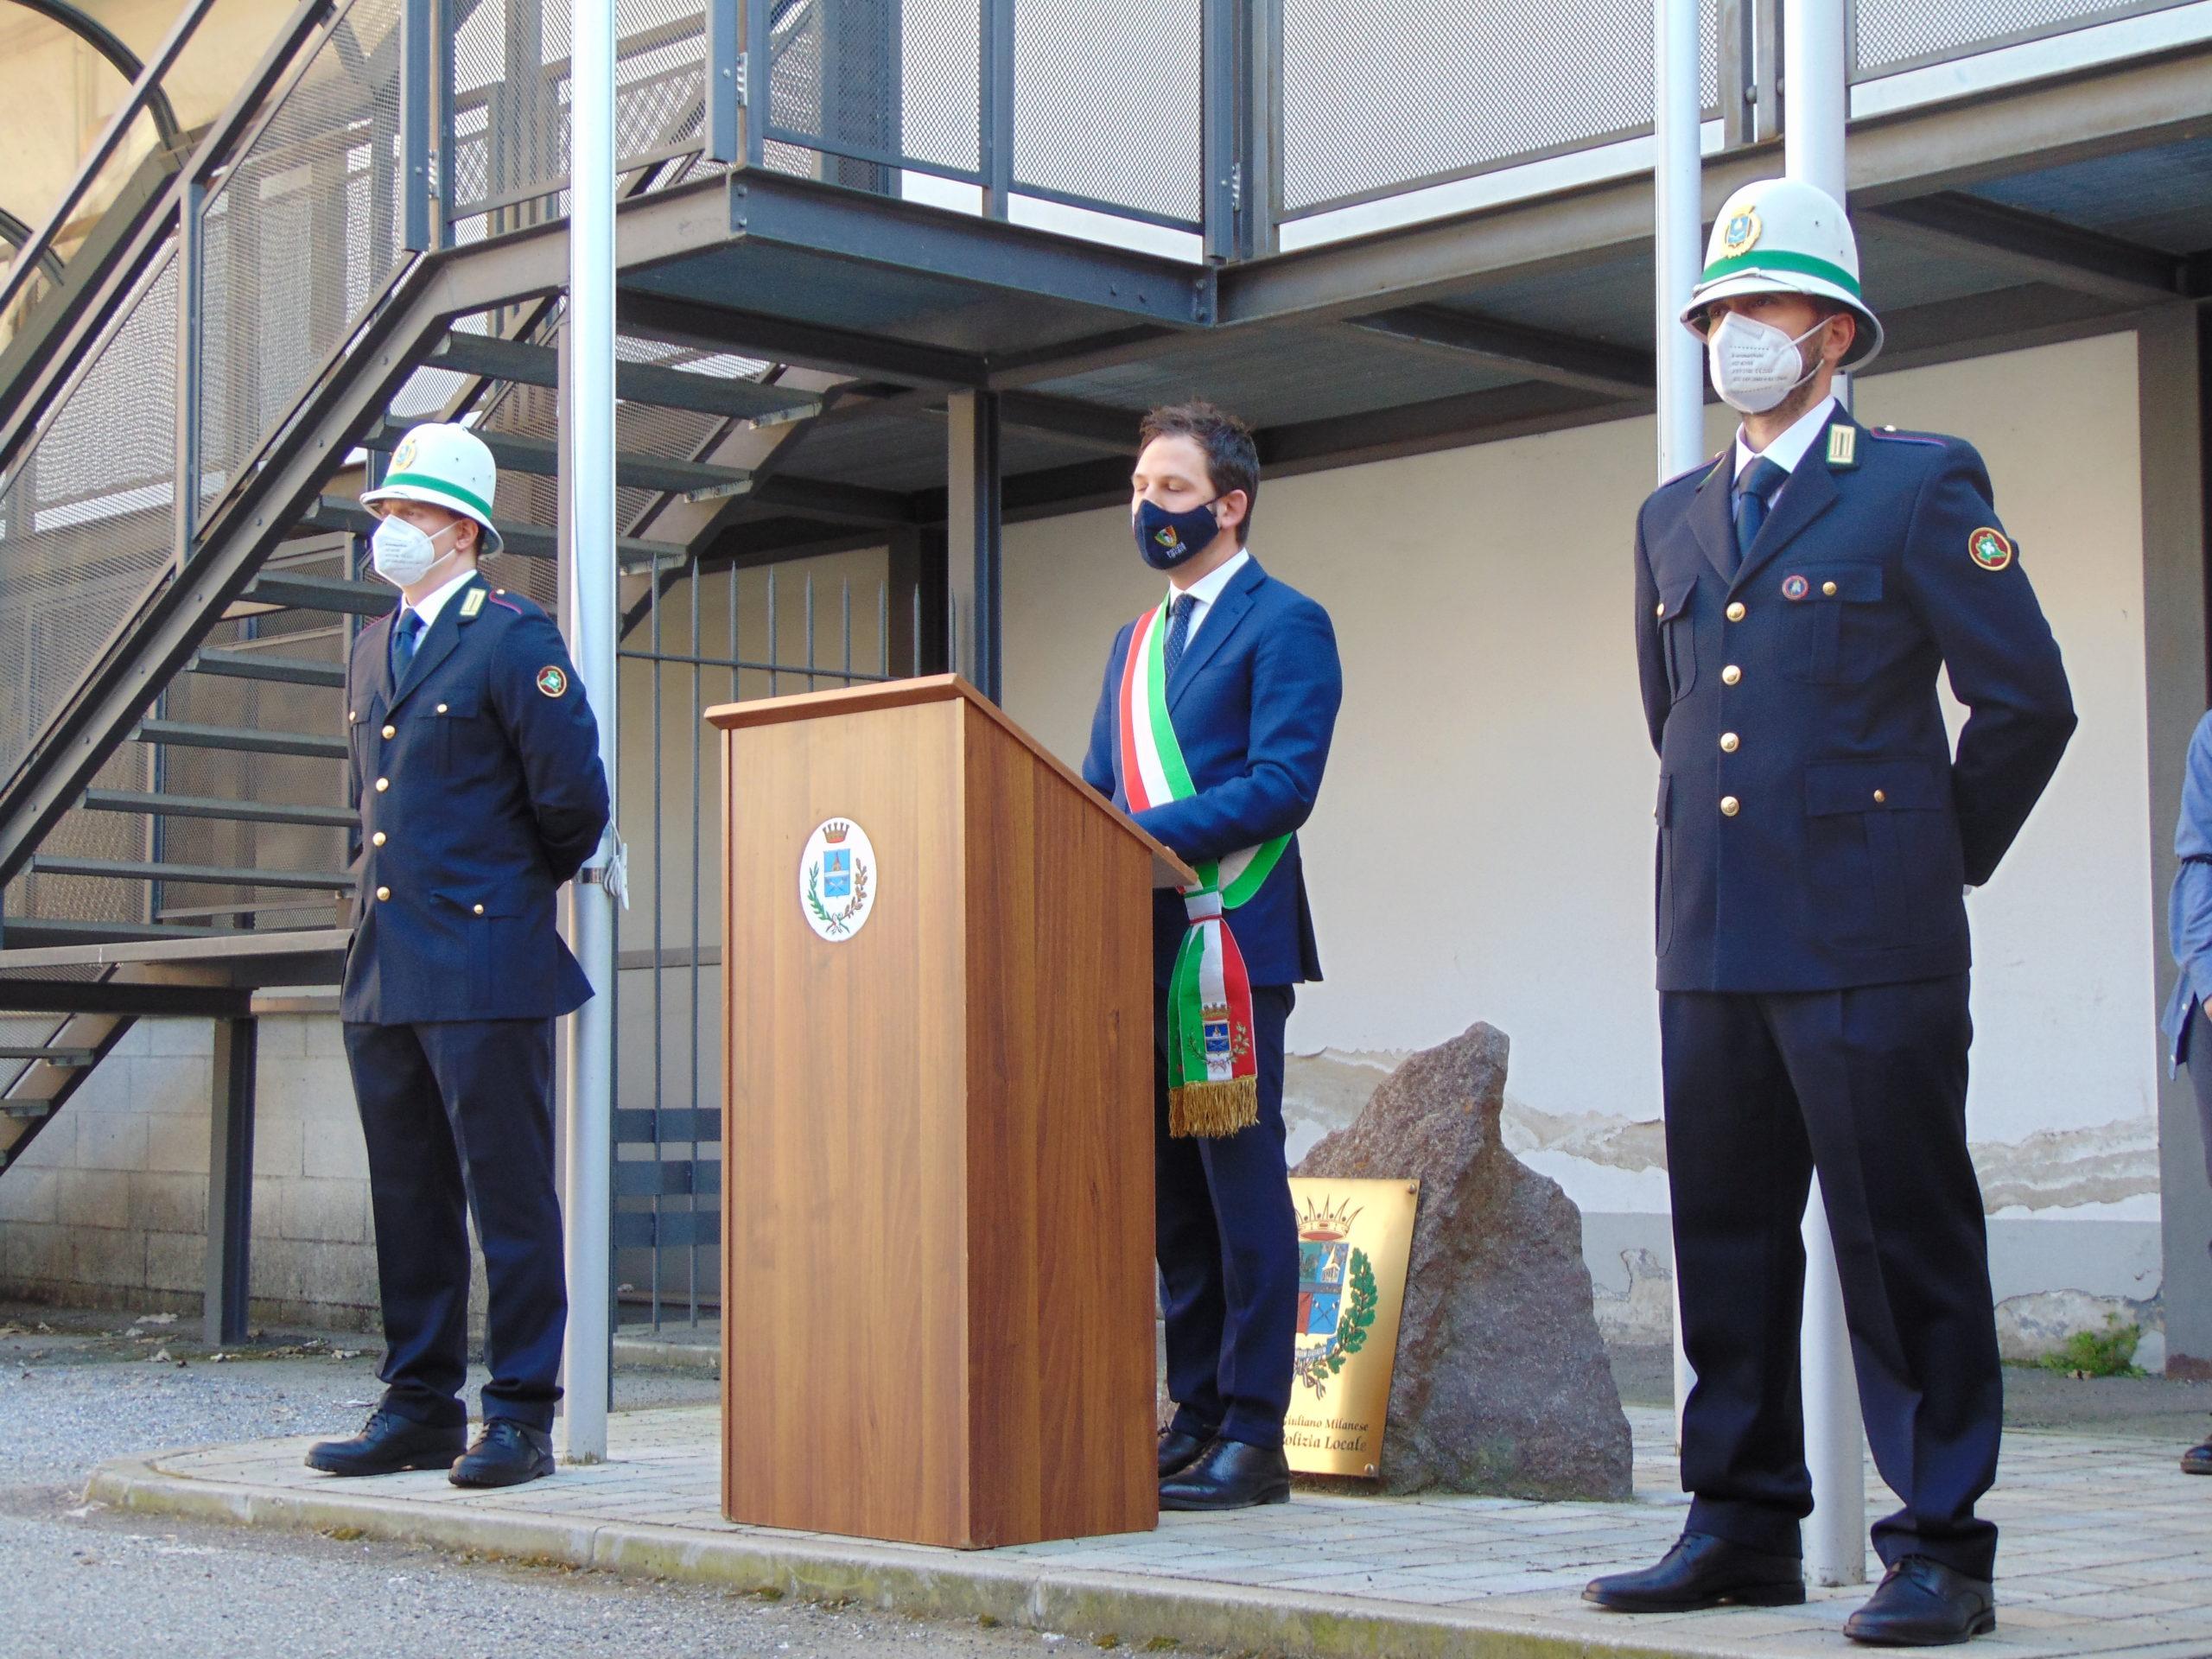 Nastrini di merito alla Polizia Locale per l'impegno contro il Covid 19